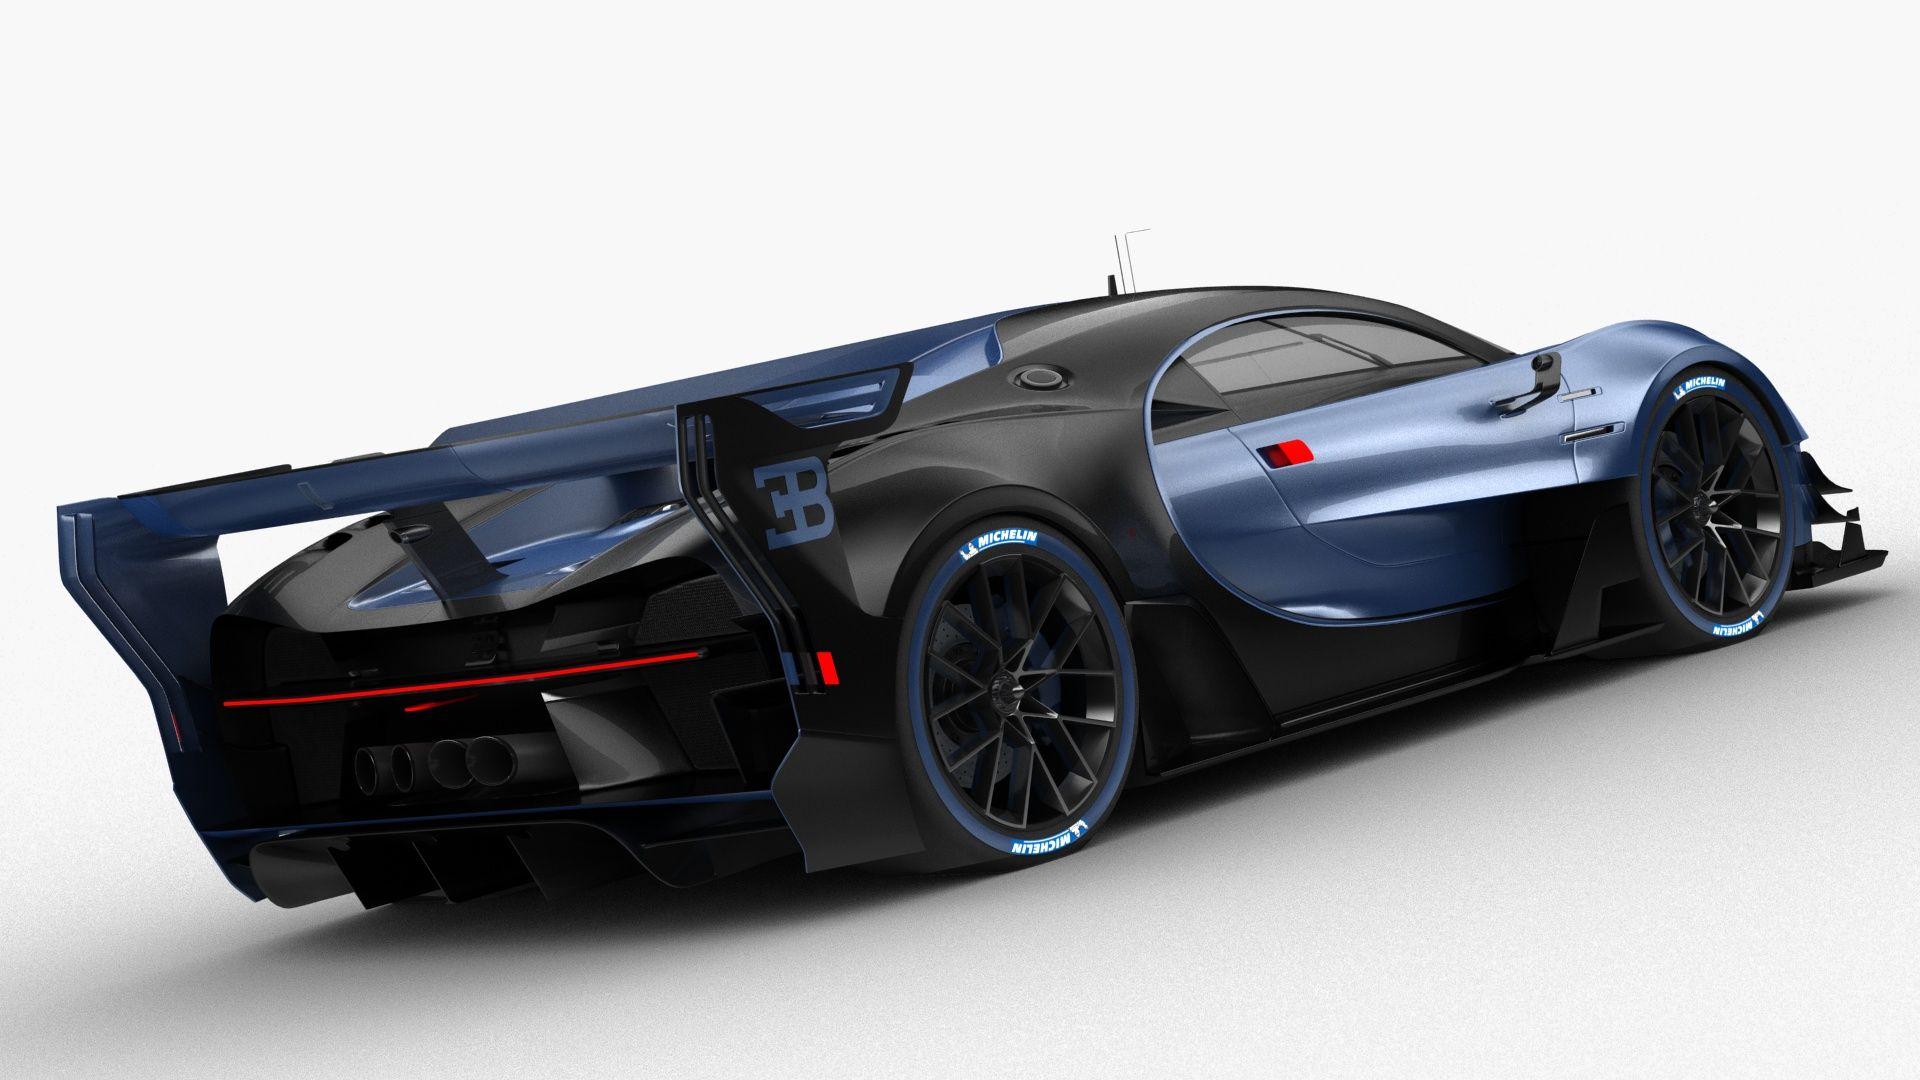 Bugatti Vision Gt Concept Vision Bugatti Concept Gt Bugatti Top Cars Super Cars